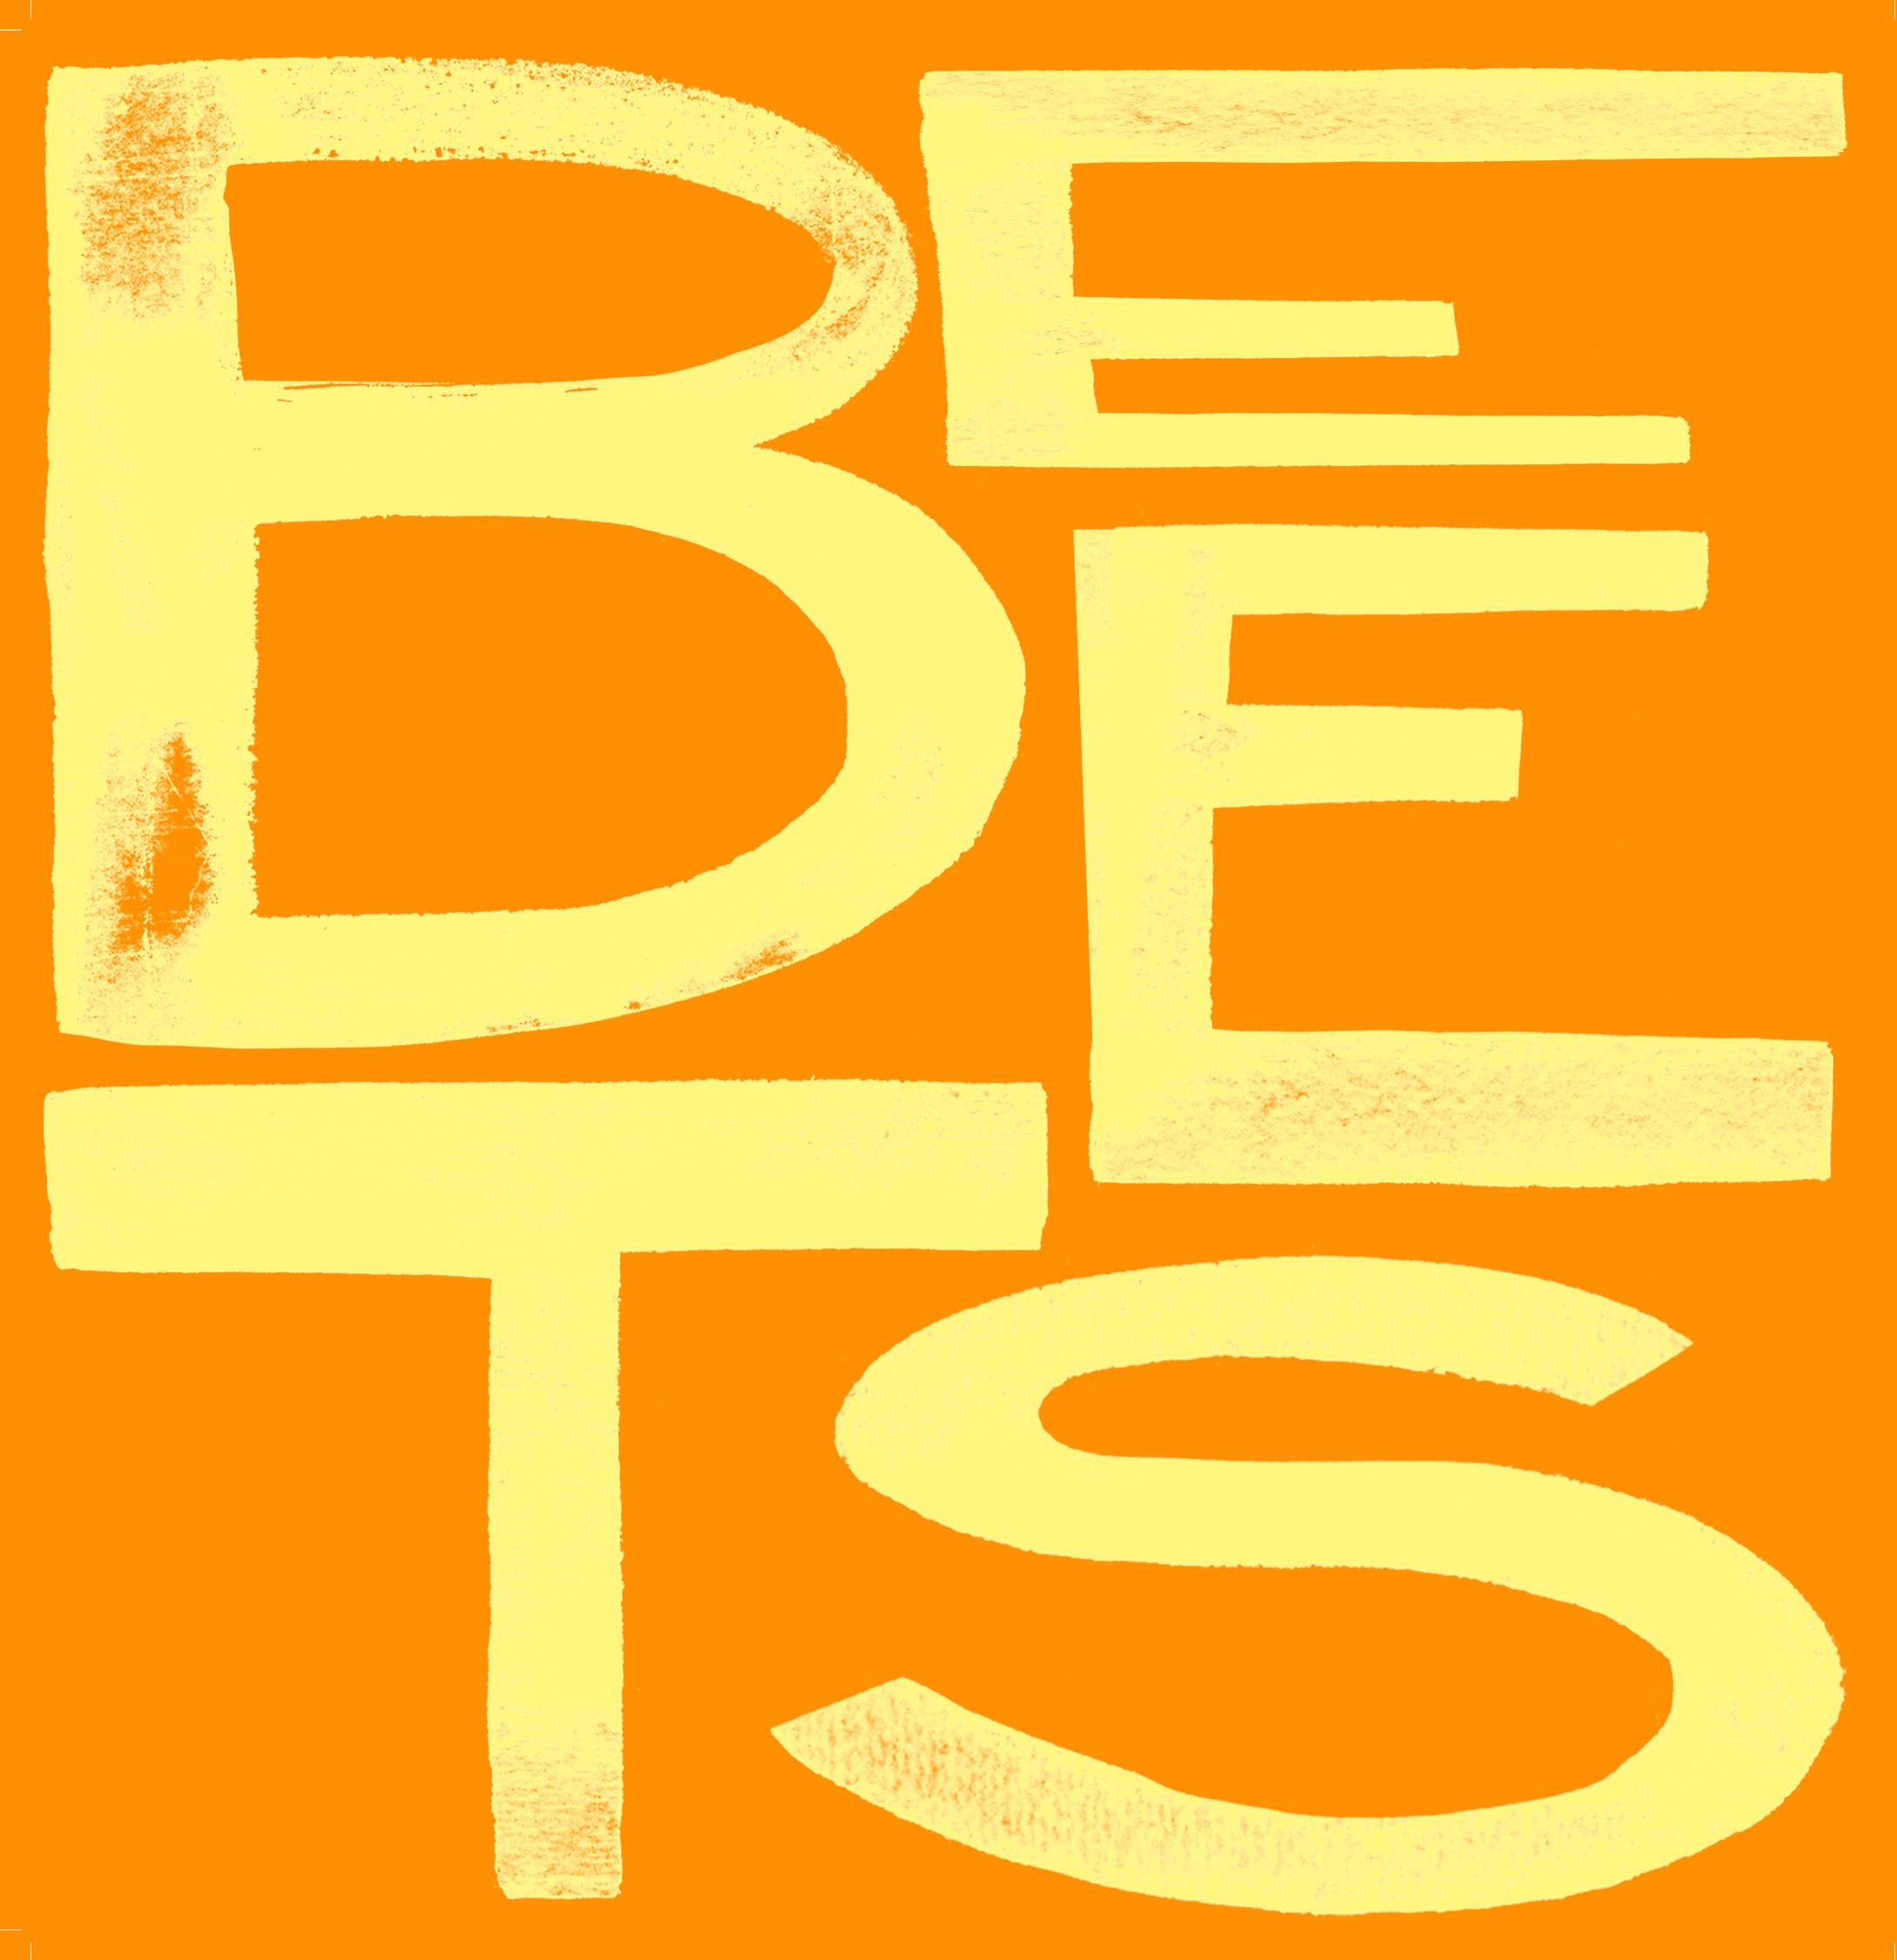 beet-inside-for-web.jpg